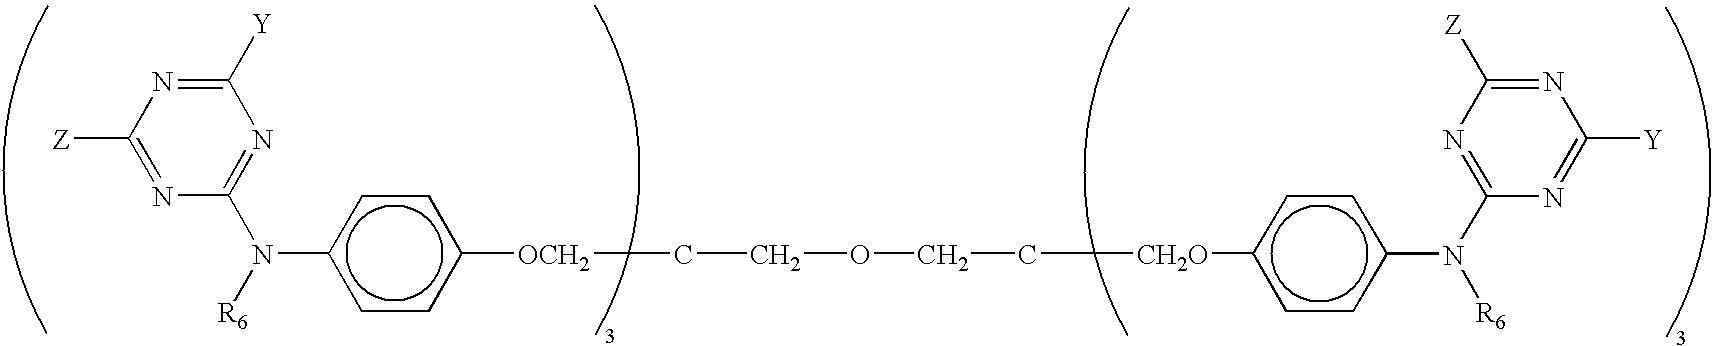 Figure US07087752-20060808-C00009